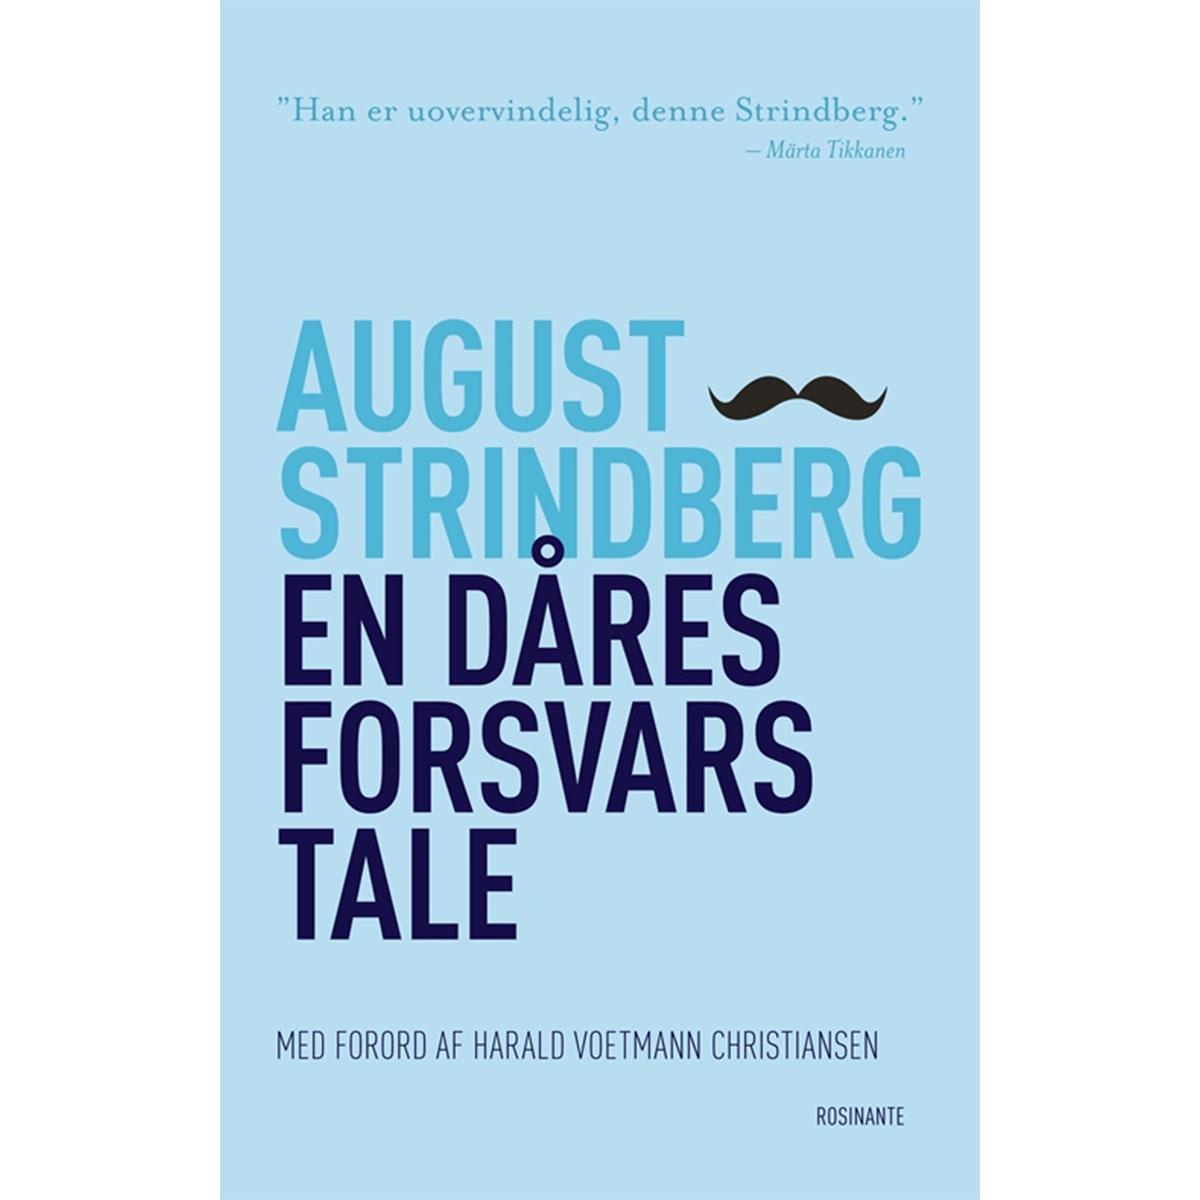 Af August Strindberg